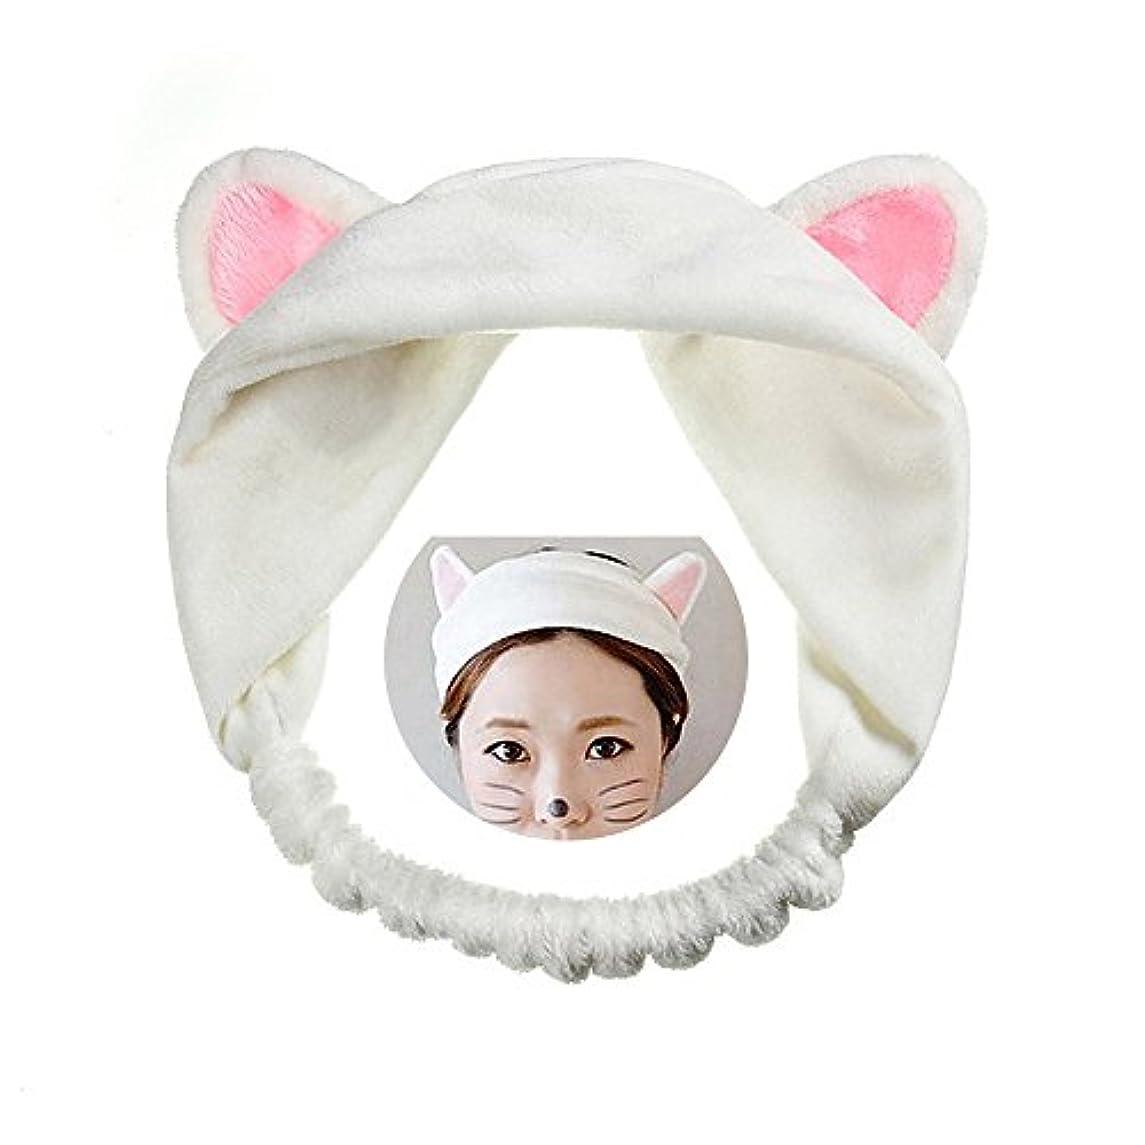 ぬいぐるみ充実石油可愛い 猫 耳 ヘアバンド メイク アップ フェイス マスク スポーツ カチューシャ 髪型 ホワイト